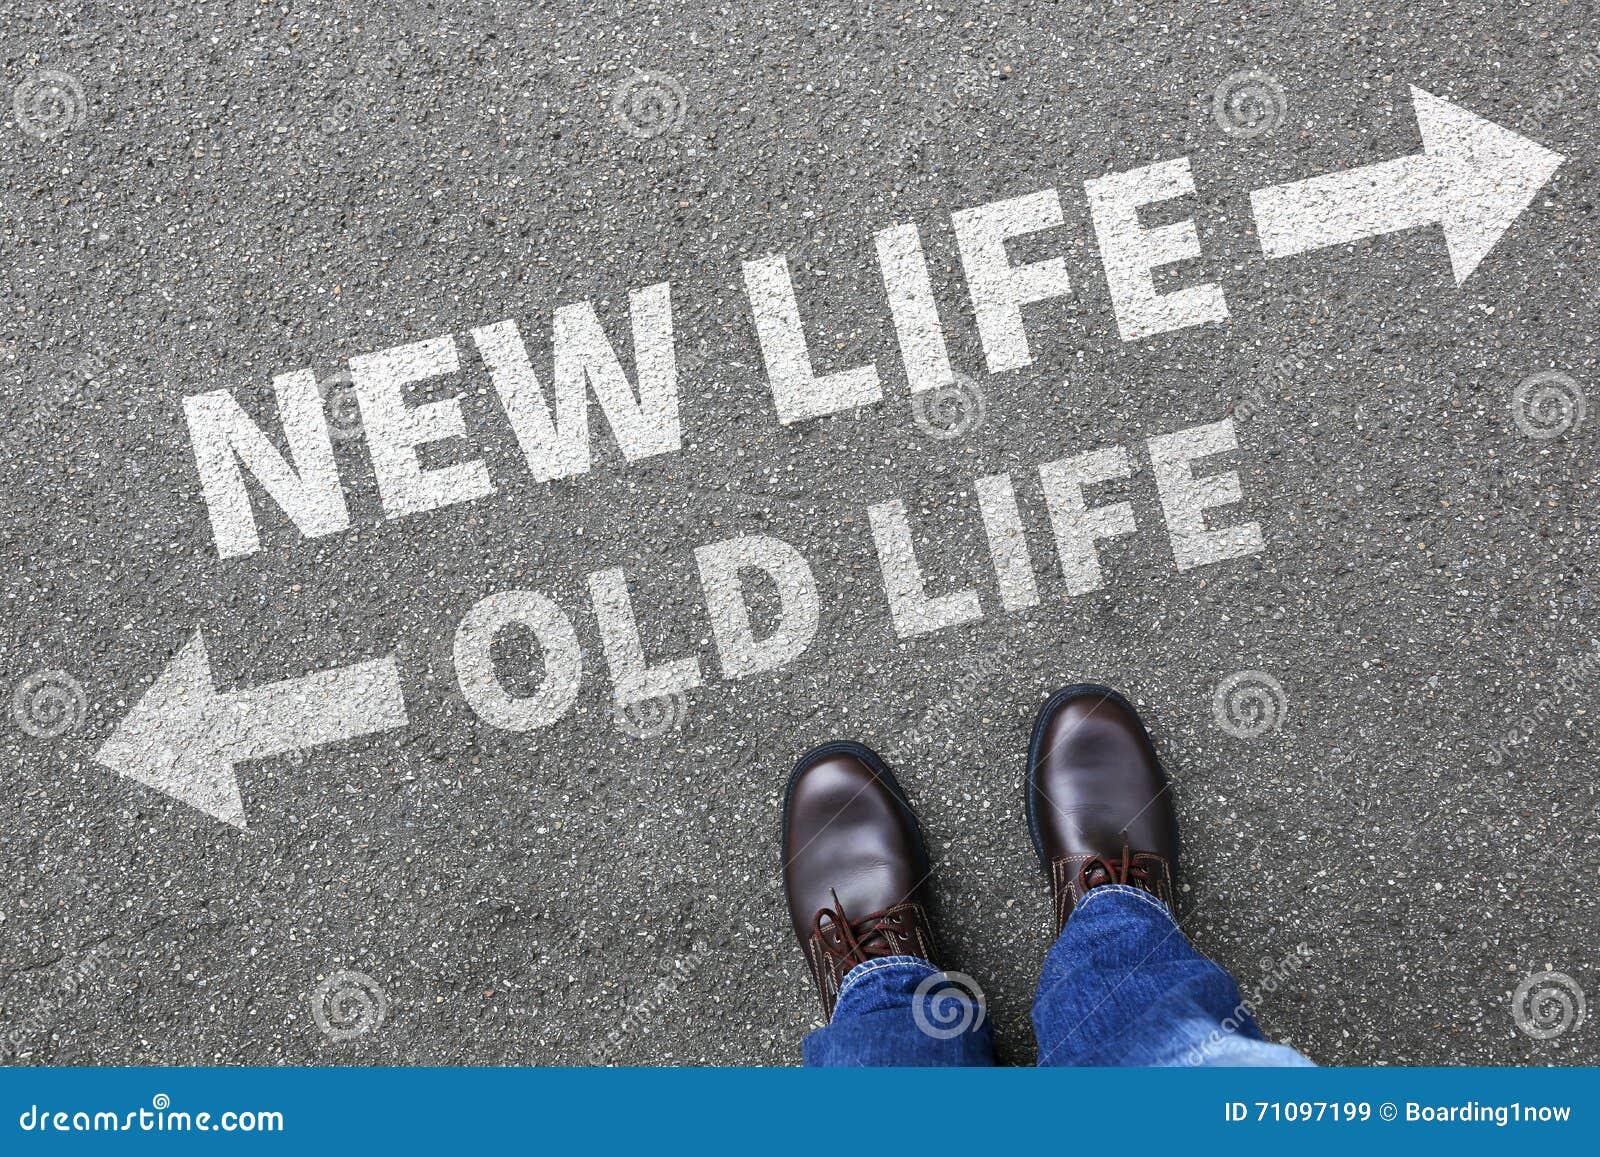 Futuro novo velho da vida após a mudança da decisão do sucesso dos objetivos